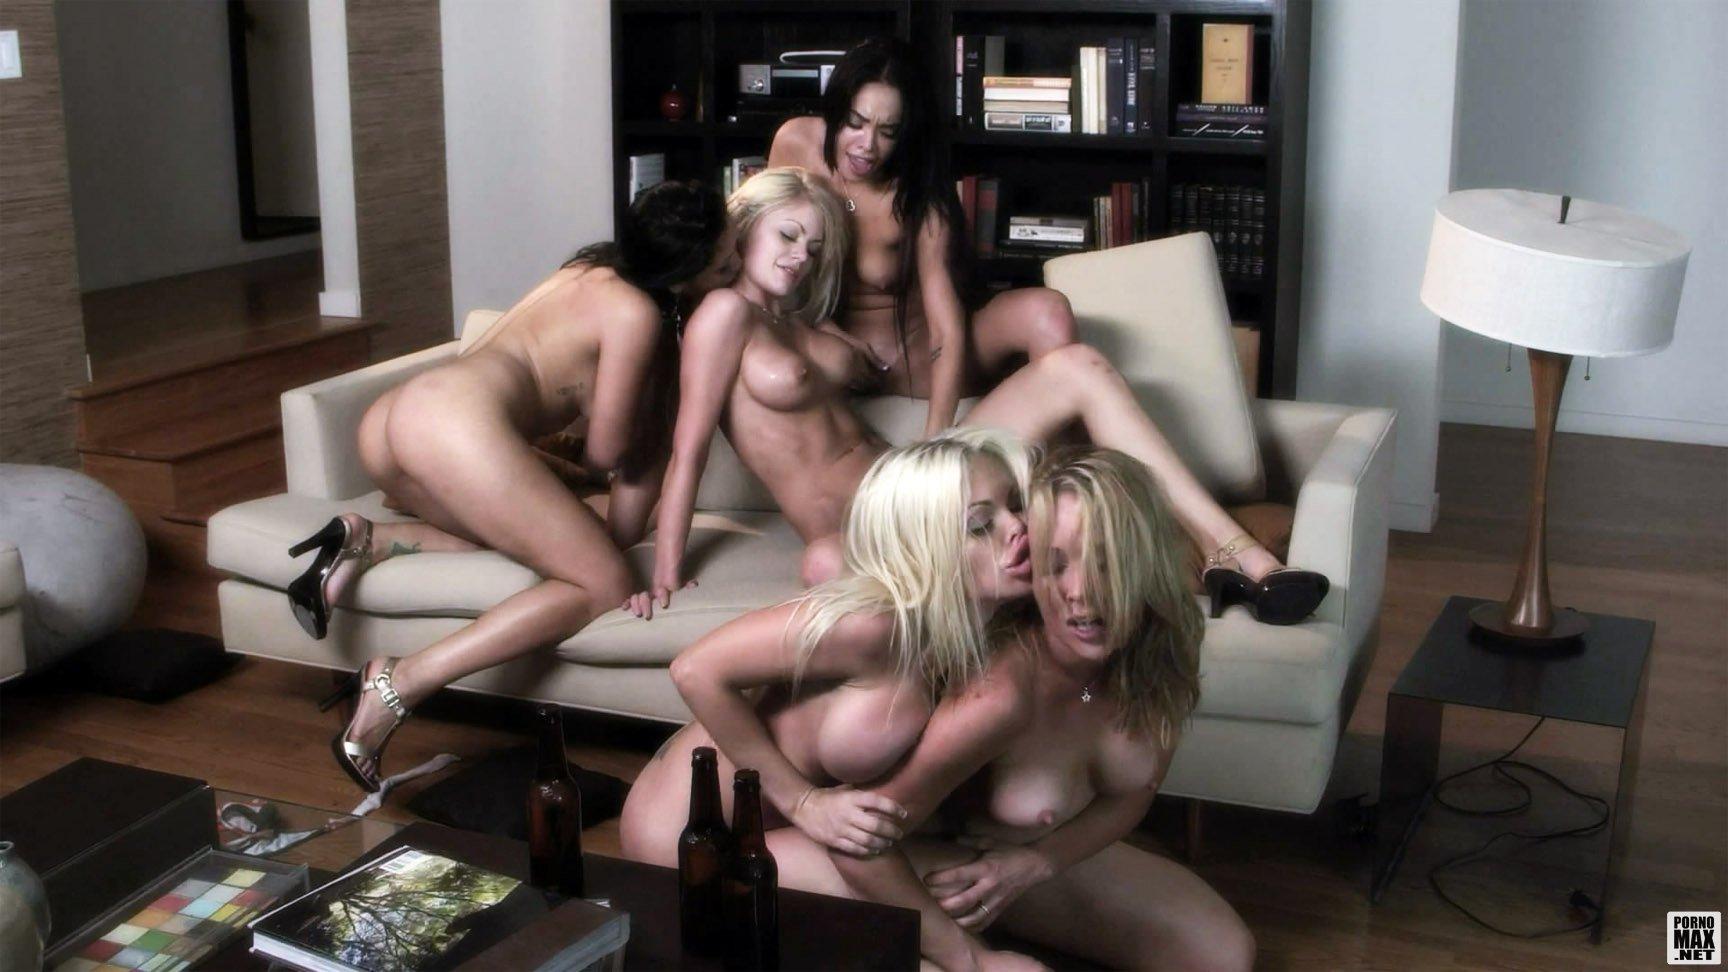 Порно вечеринки. Смотреть онлайн видео бесплатно!